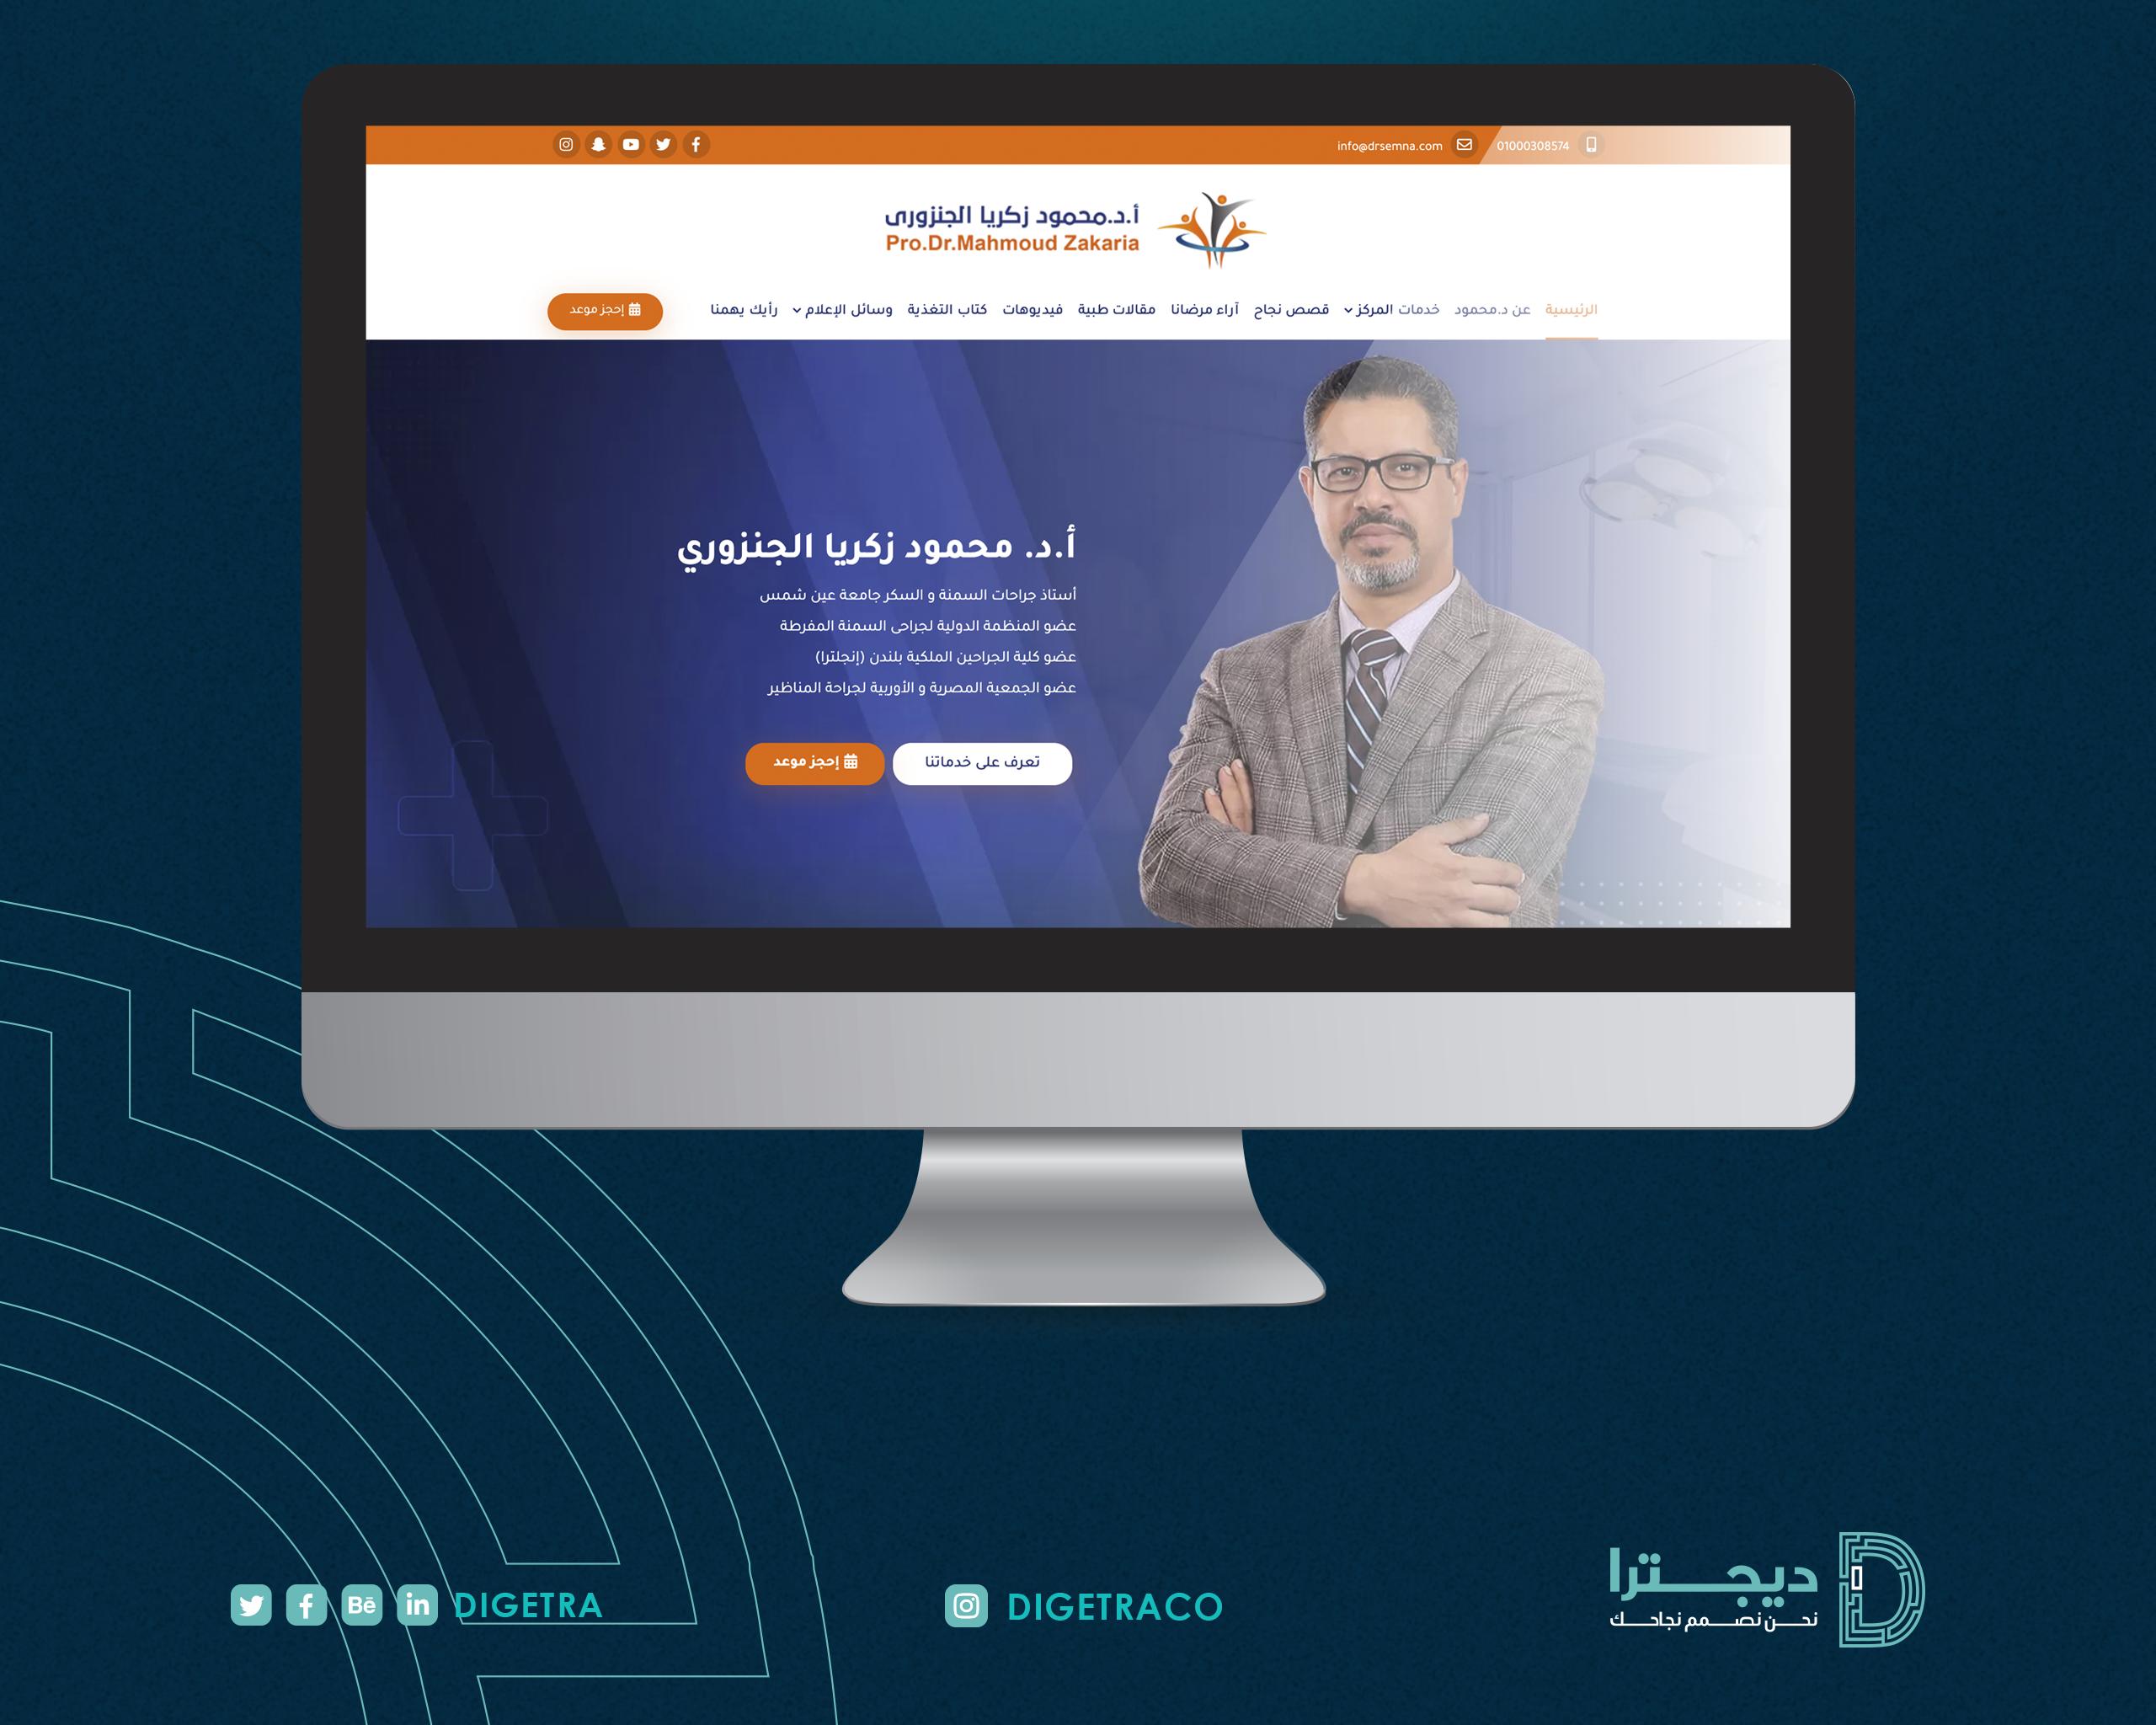 دكتور محمود زكريا الجنزوري